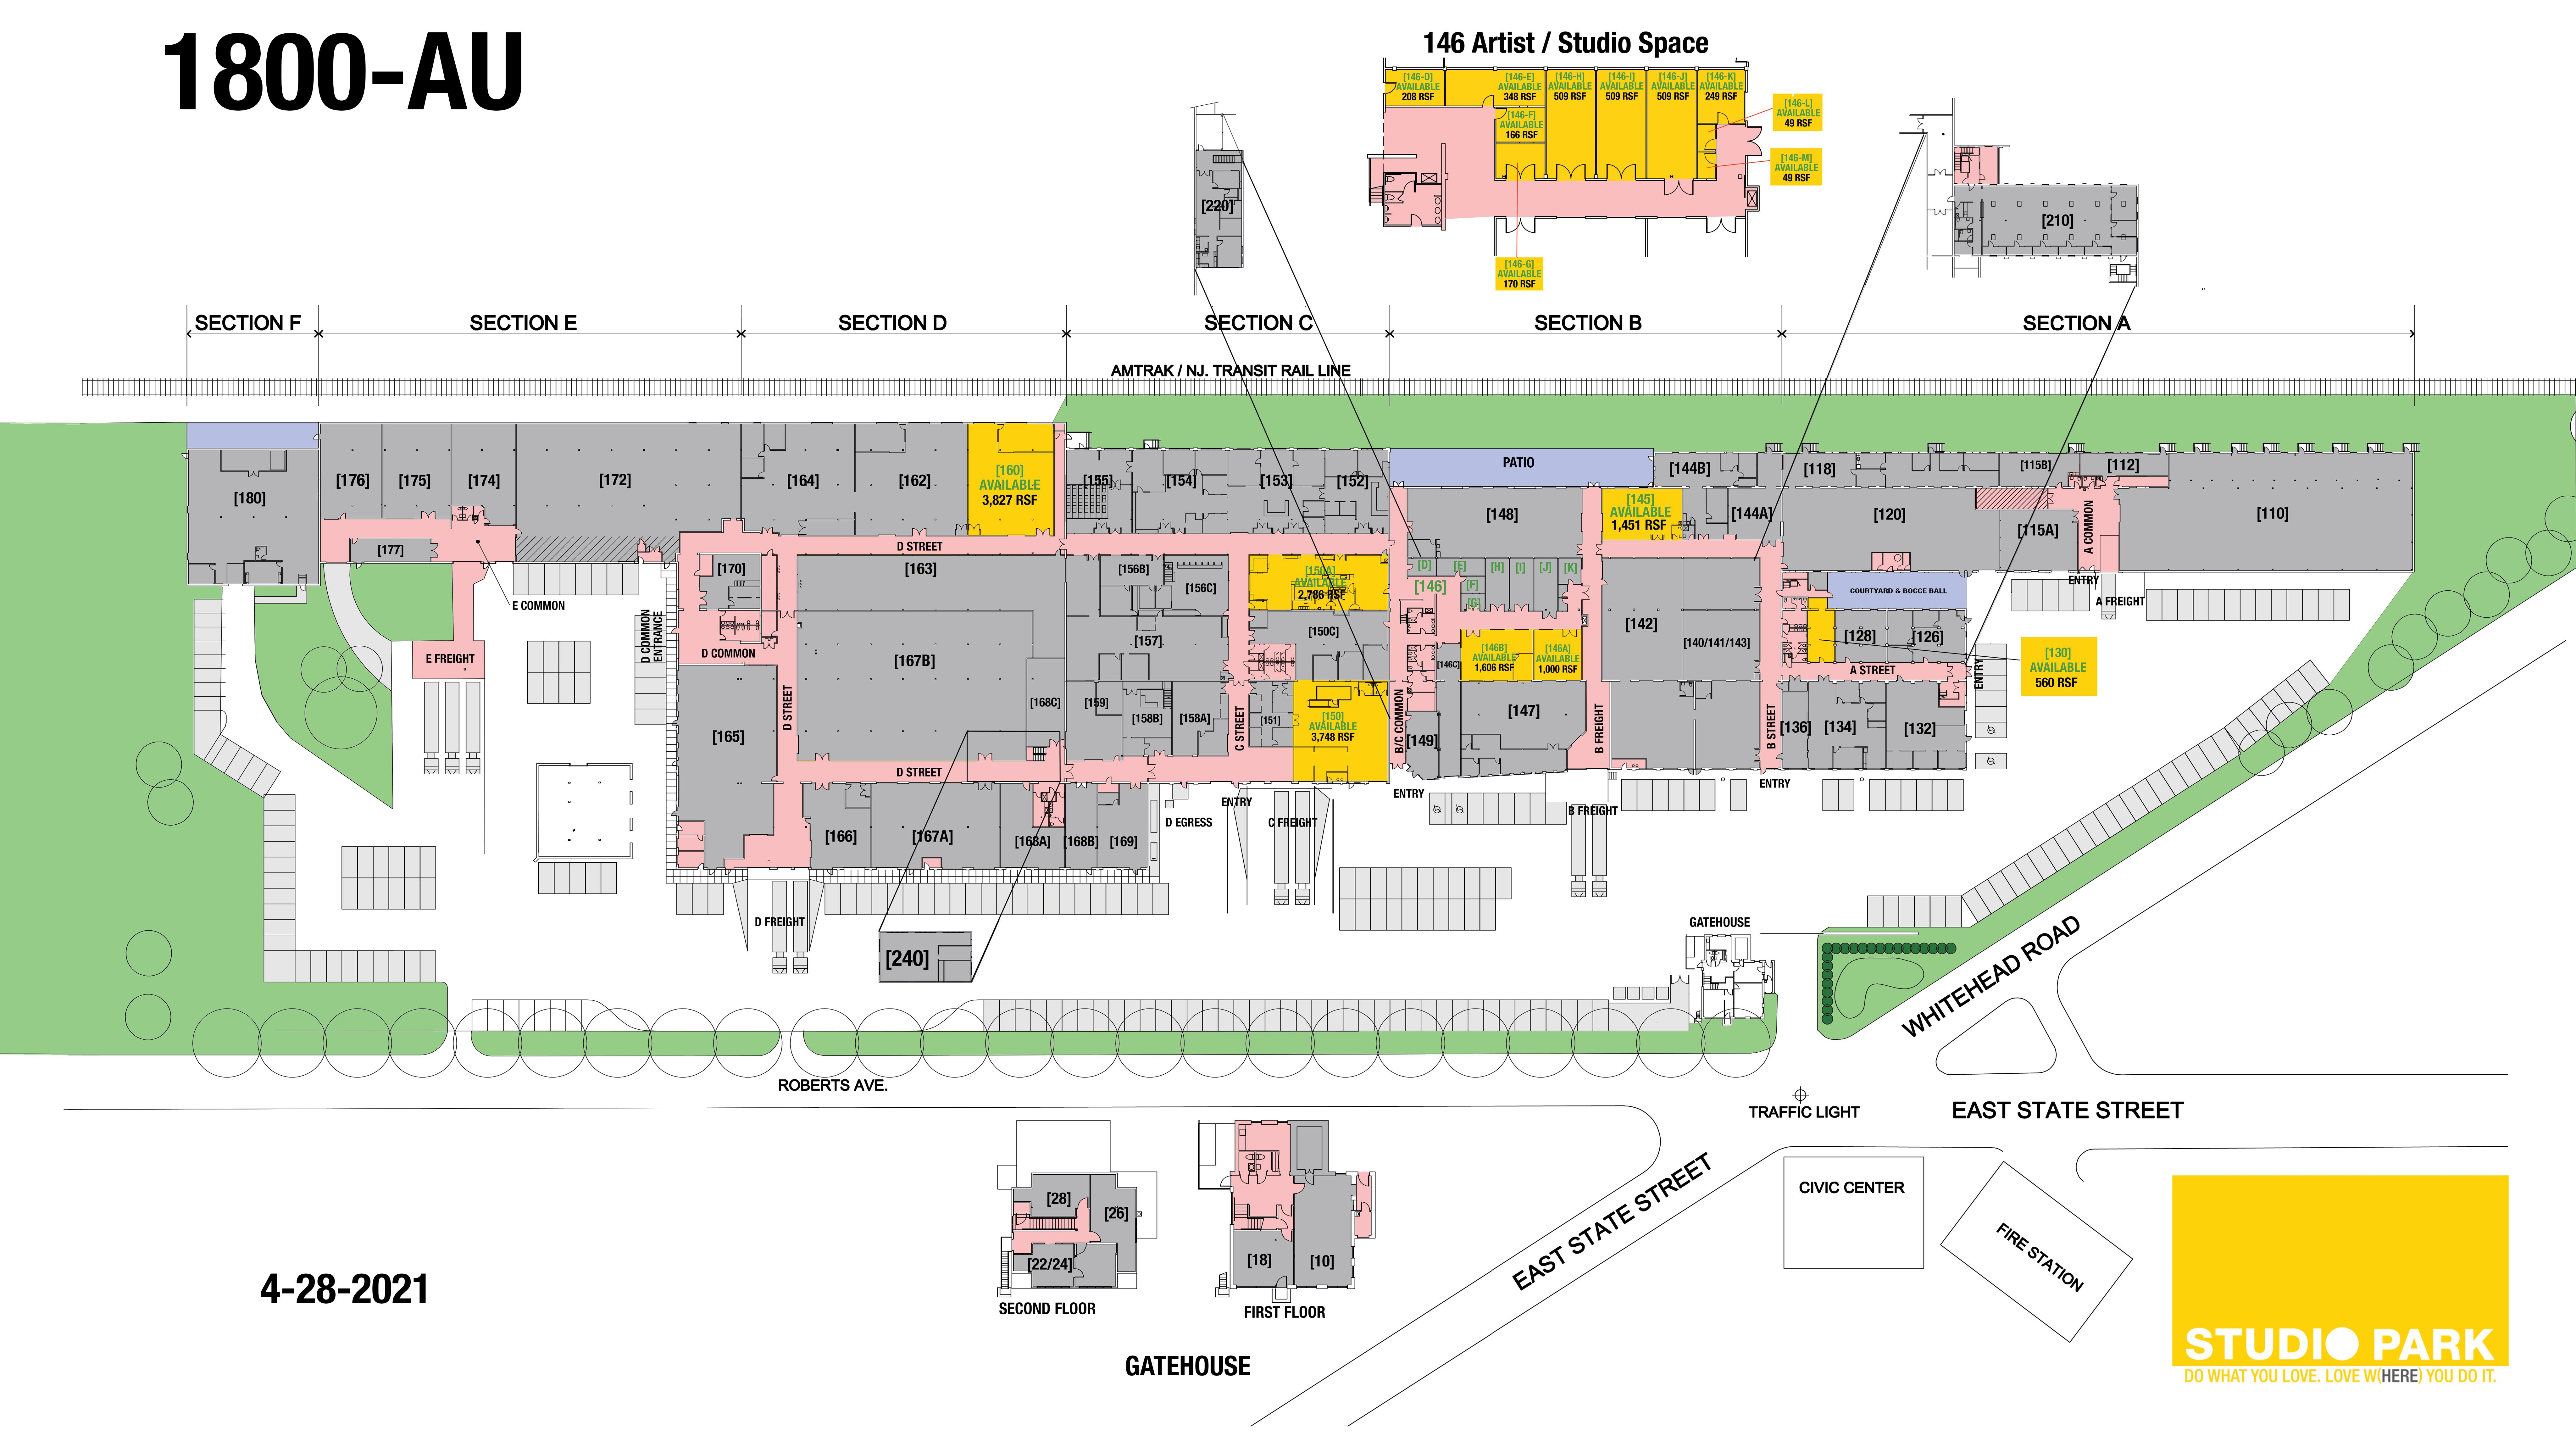 Studio Park floor plan